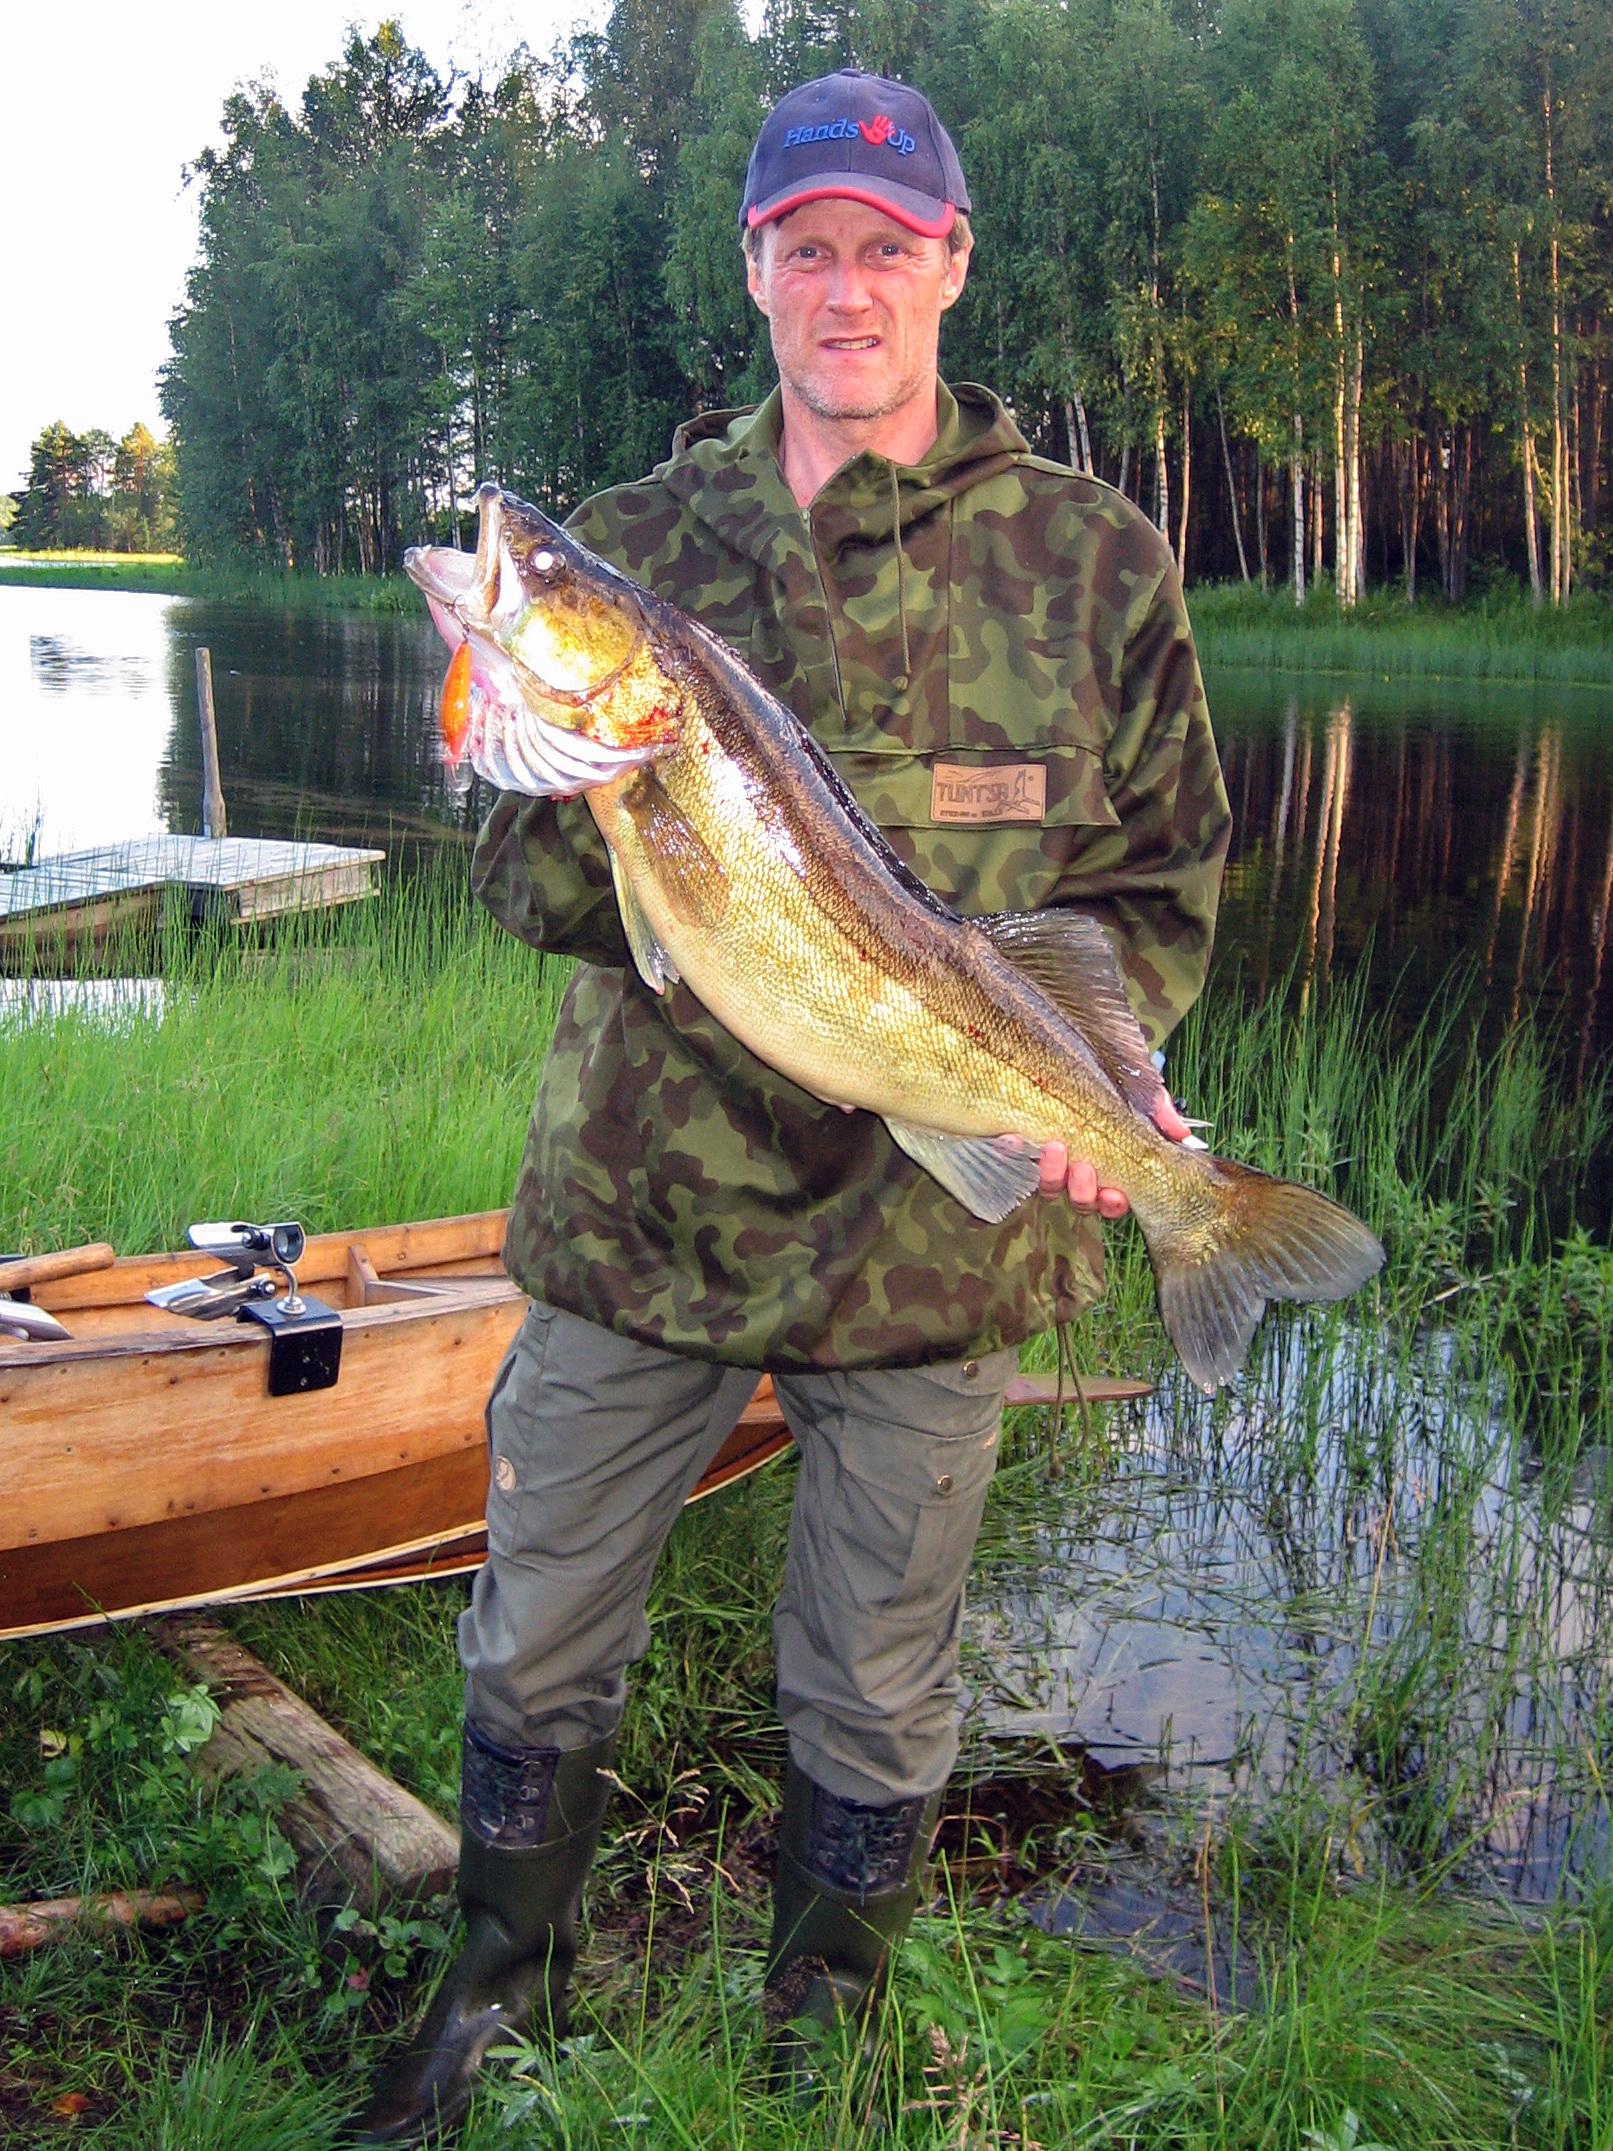 Elokuun 6. päivä Puolangalla, saaliina 5,3 kg kuha, vieheenä LJ-vaappu ja pyytäjänä Pentti Hamunen. 2012